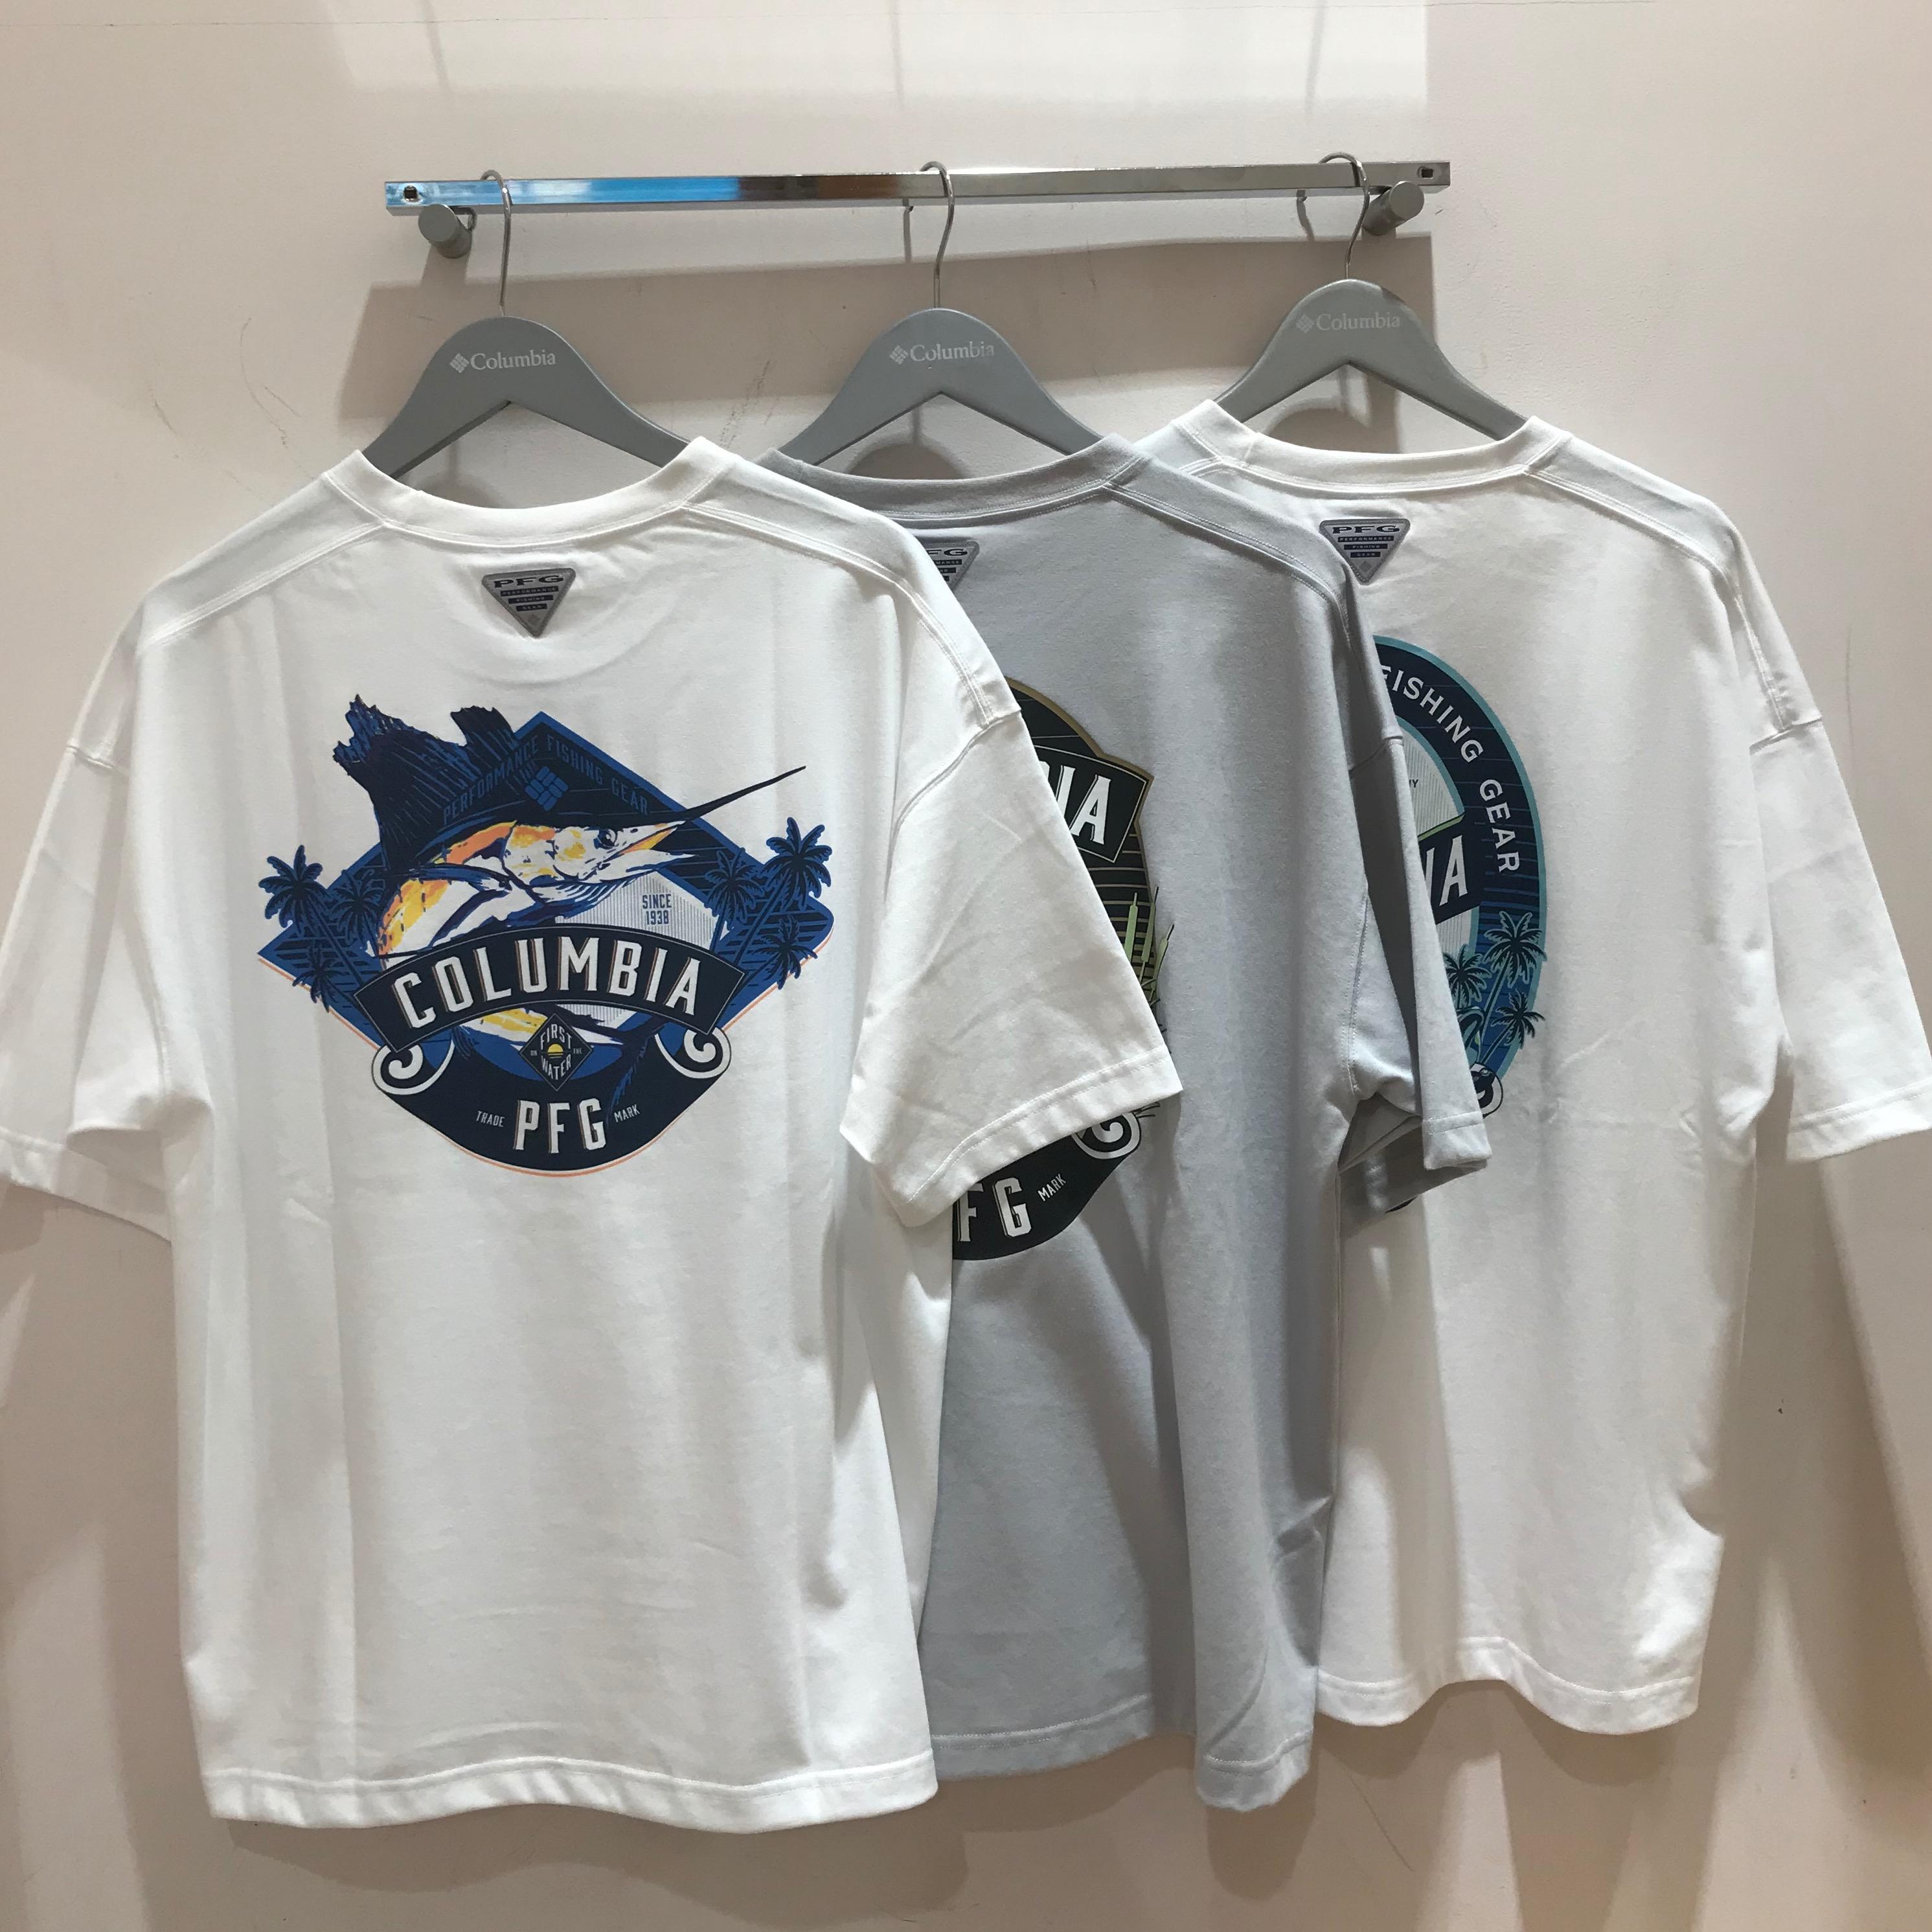 新作PFG Tシャツ!